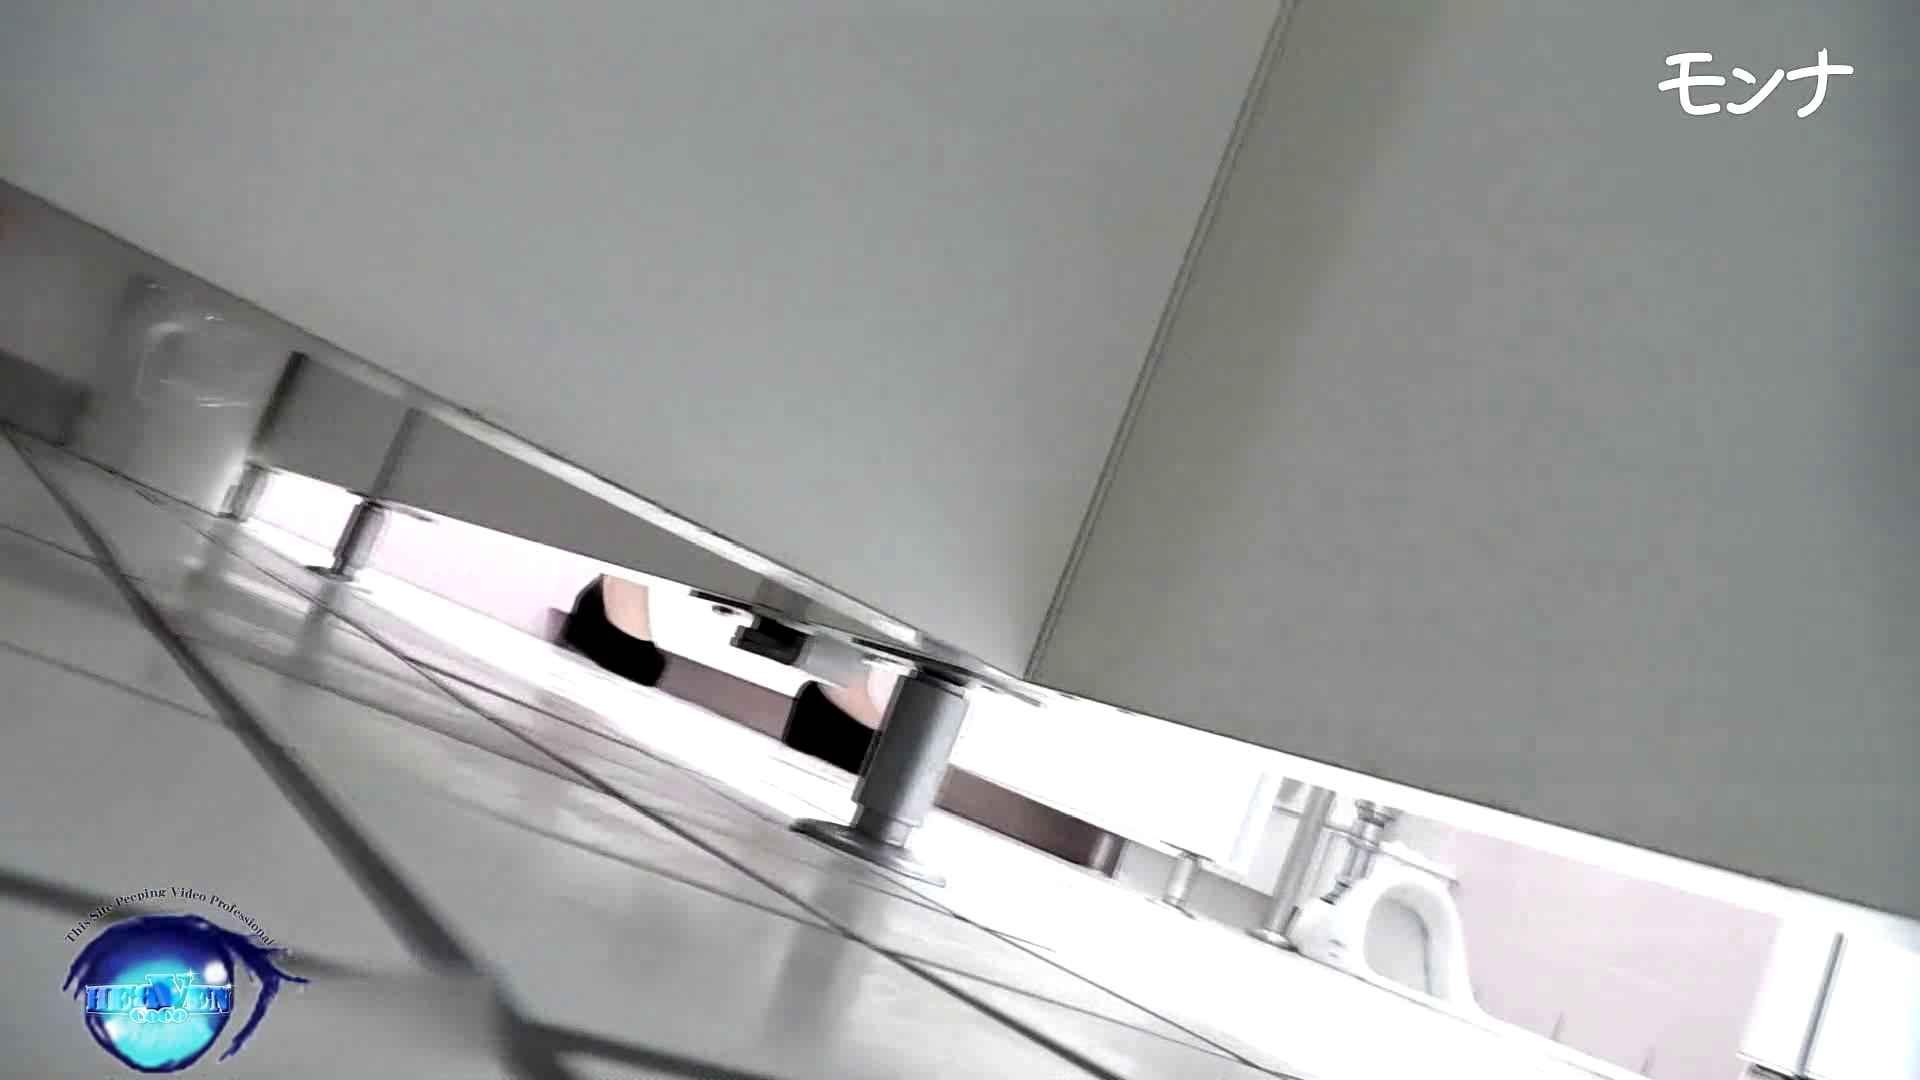 【美しい日本の未来】美しい日本の未来 No.80 おまんこ無修正   リアル放尿  72画像 9